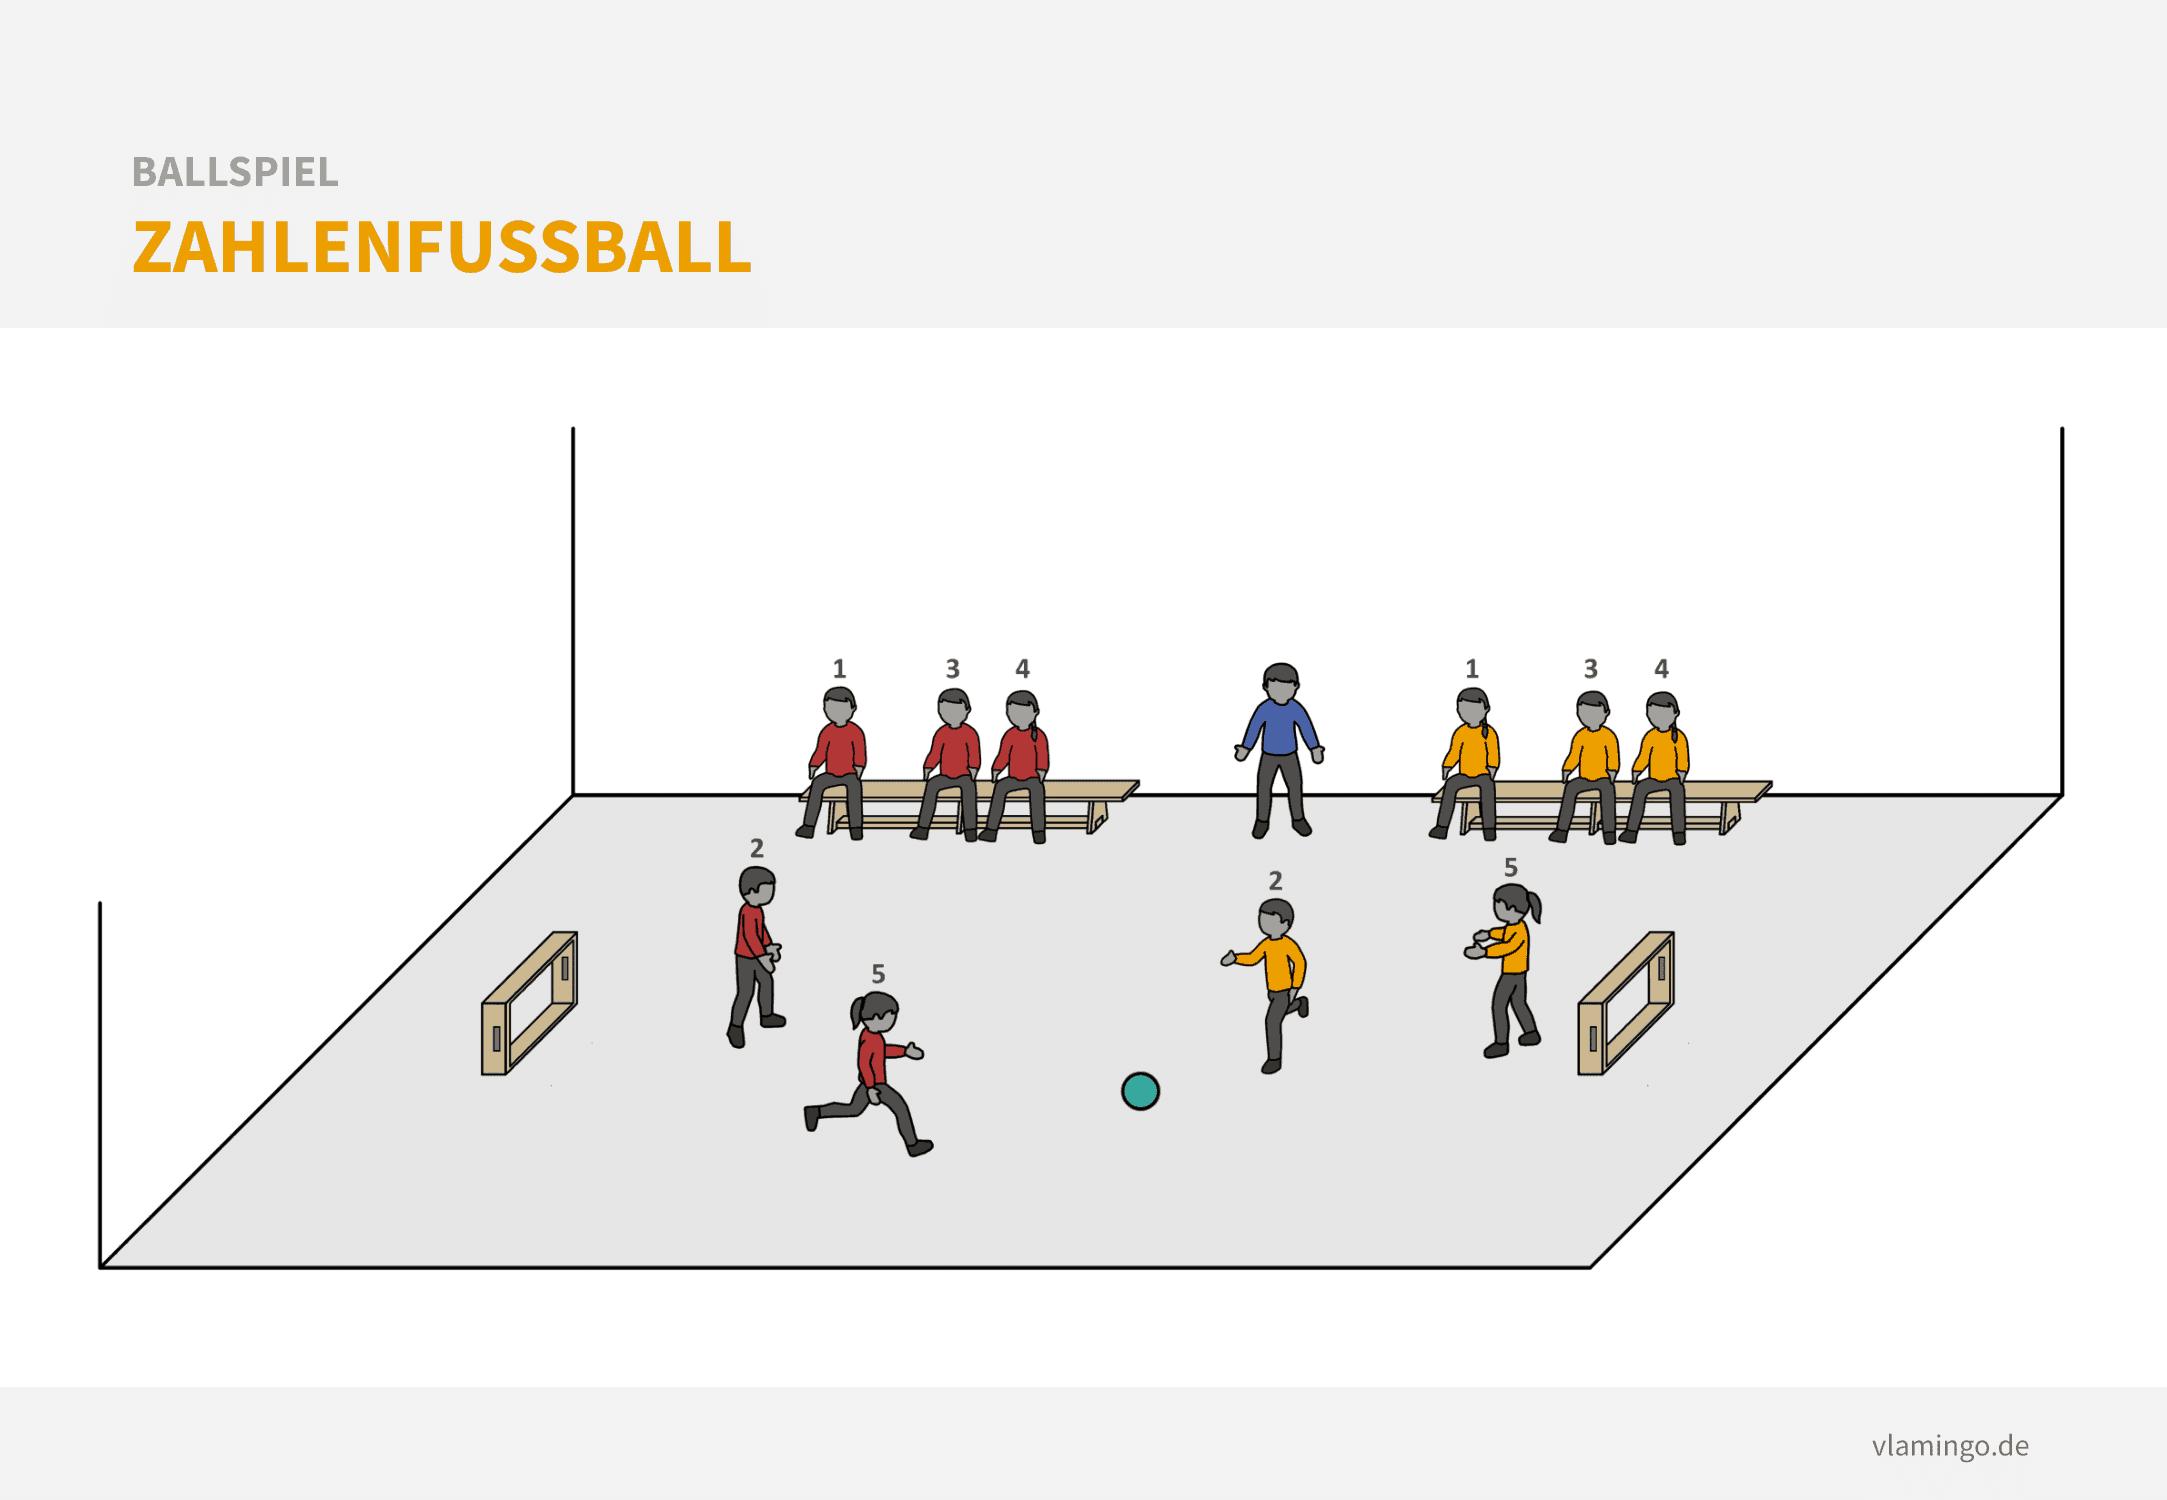 Ballspiel: Zahlenfußball